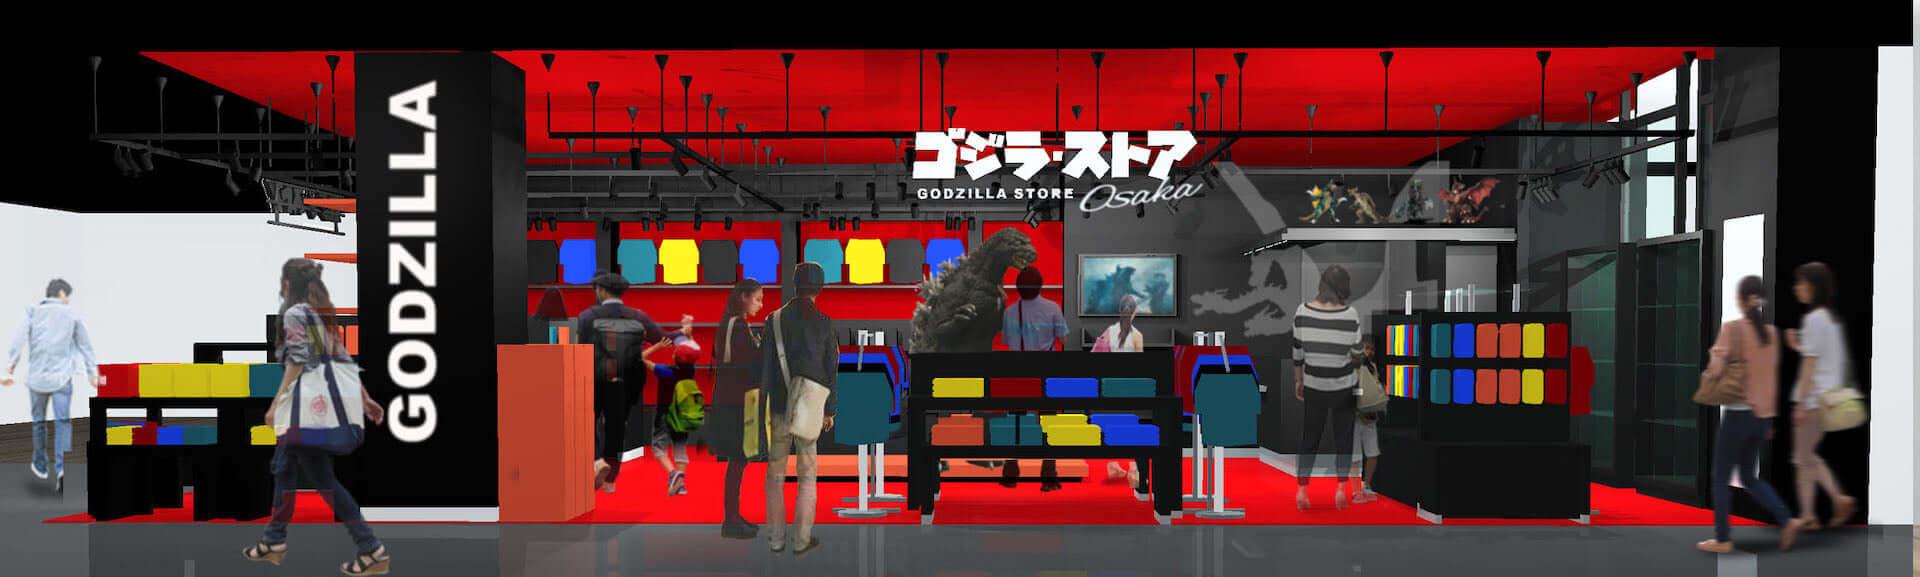 ゴジラの専門ショップ「ゴジラ・ストア Osaka」が大阪・心斎橋パルコにオープン決定!中村佑介の描き下ろしビジュアルも解禁 art200916_godzilla-store_2-1920x577